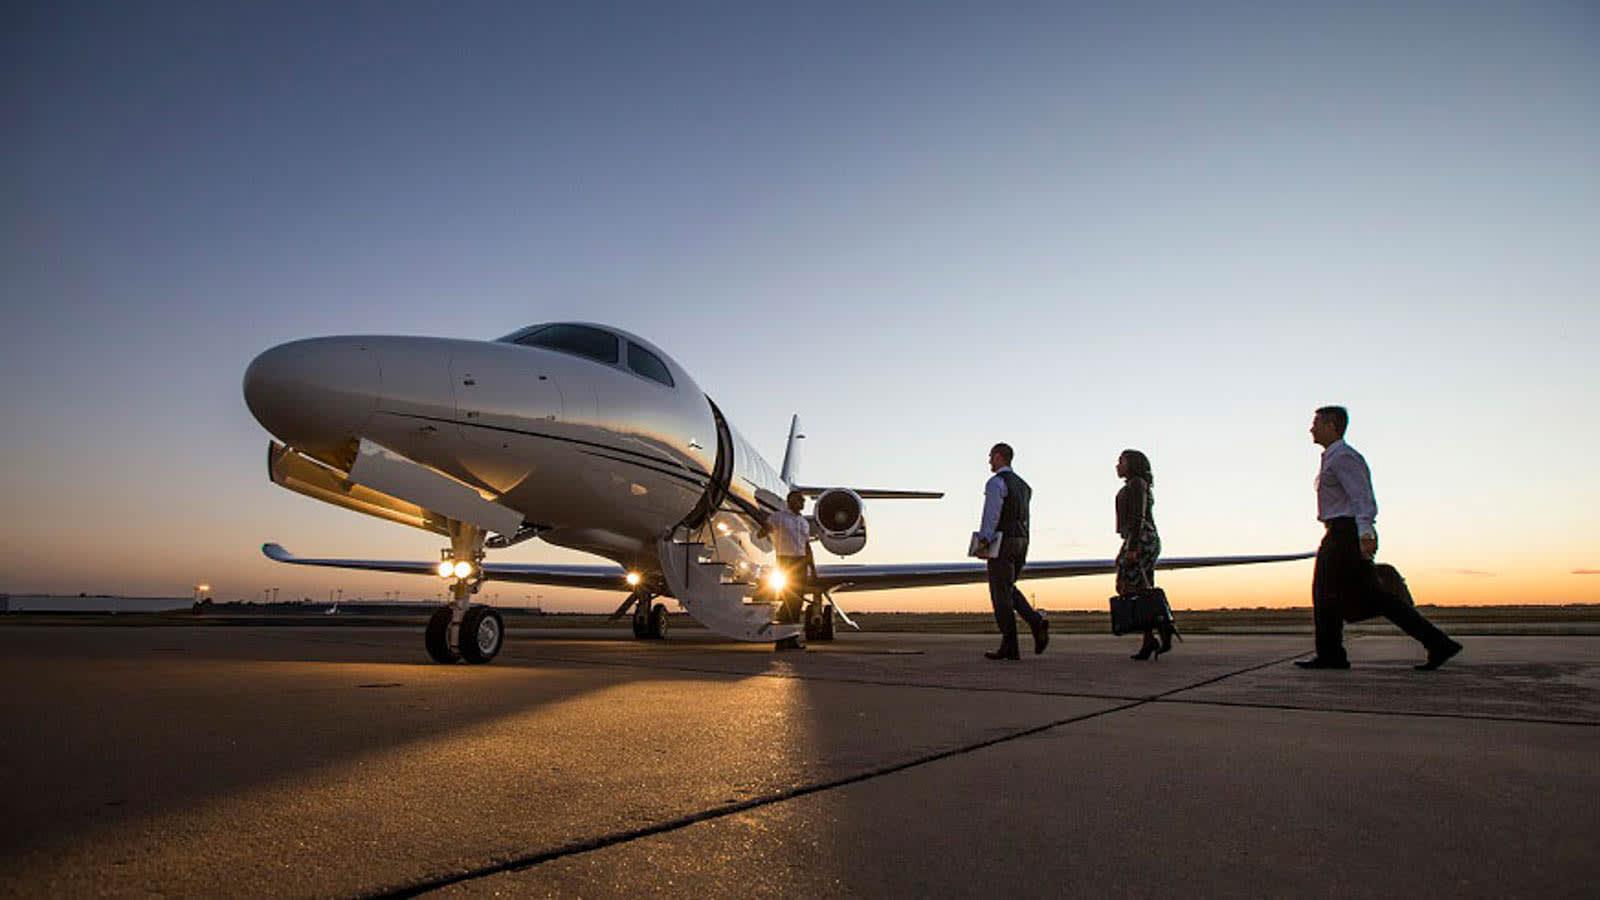 أصبحت الطائرات الخاصة متاحة أكثر من أي وقت مضى بظل كورونا.. إليك كيف يمكنك استئجار واحدة